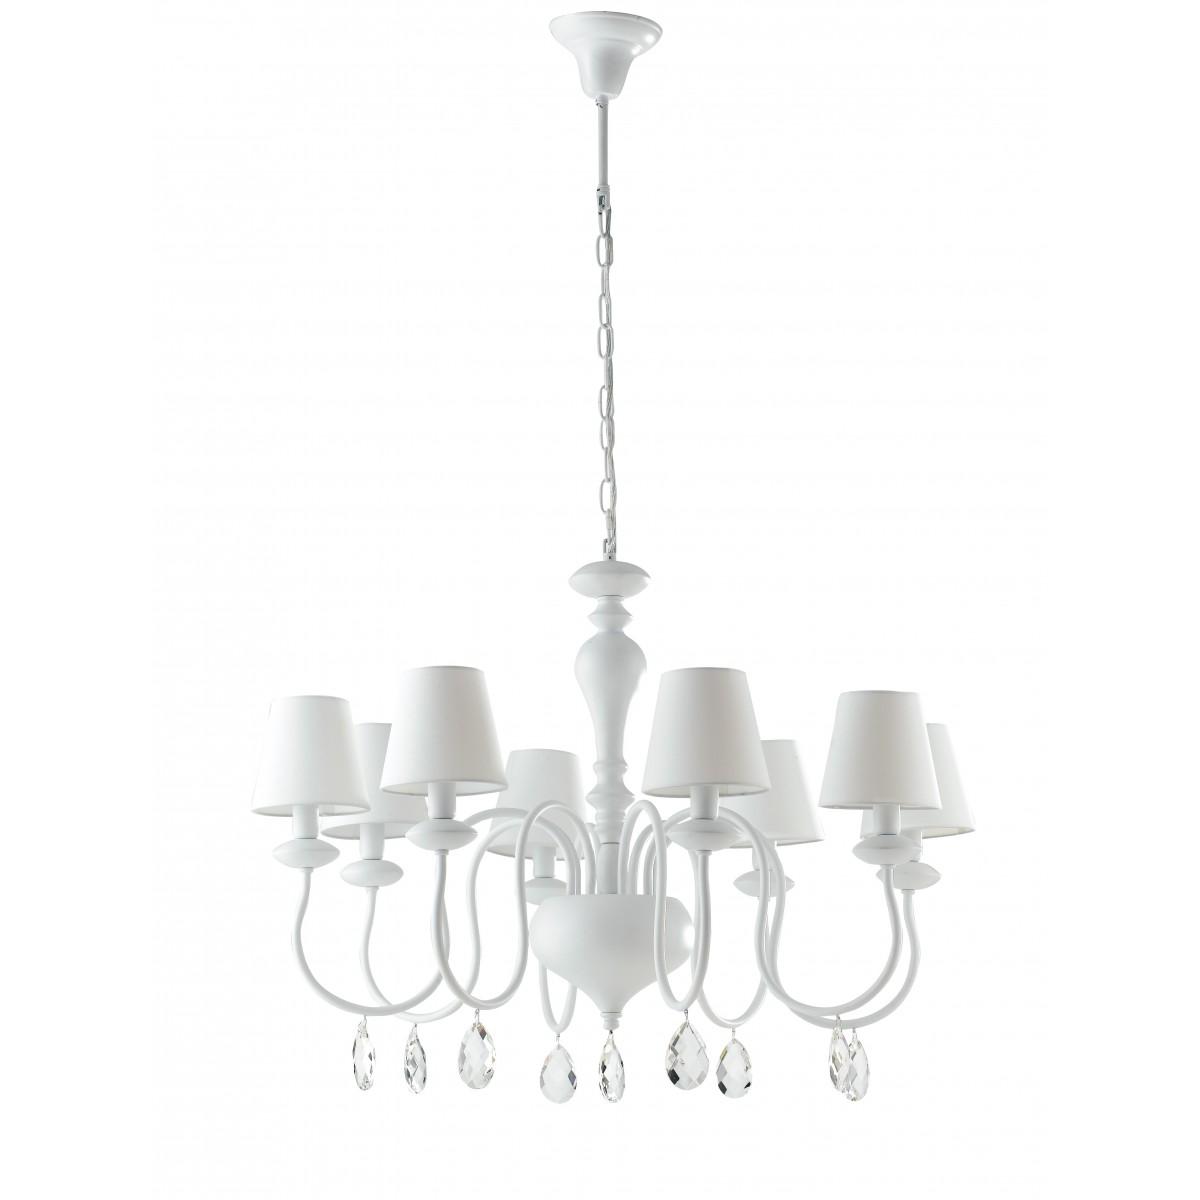 Suspension//encastré plafond pendentif –6 Lumière Chrome /& Blanc lustre-lampe porte-ampoule